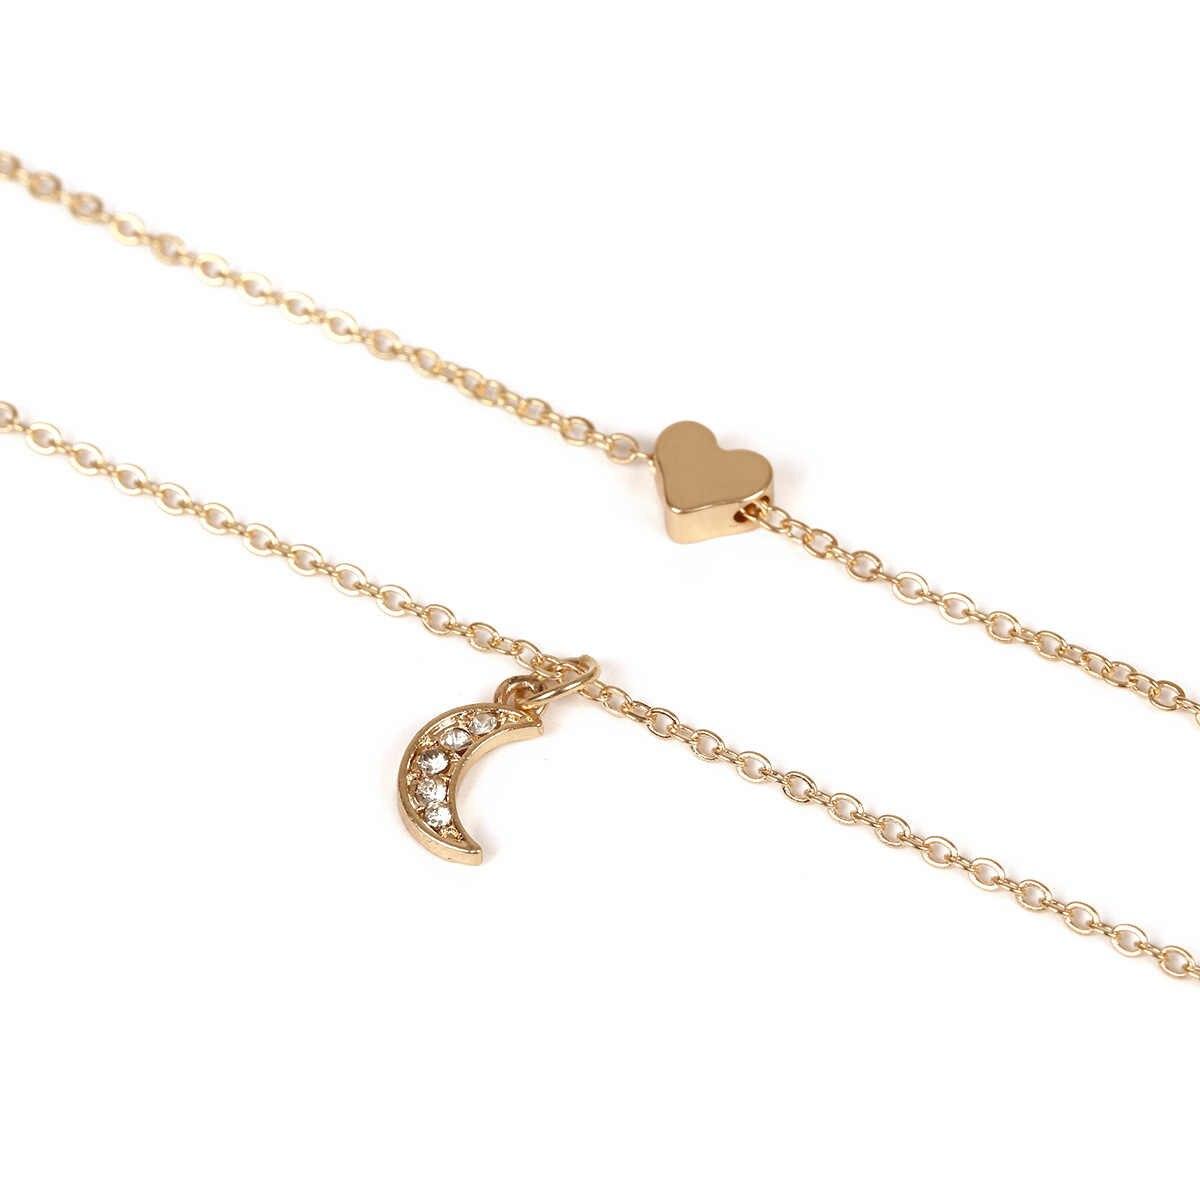 Mode Persönlichkeit Einfache Wilden Kupfer Herz Set Kristall Mond Doppel Halskette Weiblichen Kurzen Schlüsselbein Kette Hochzeit Zubehör